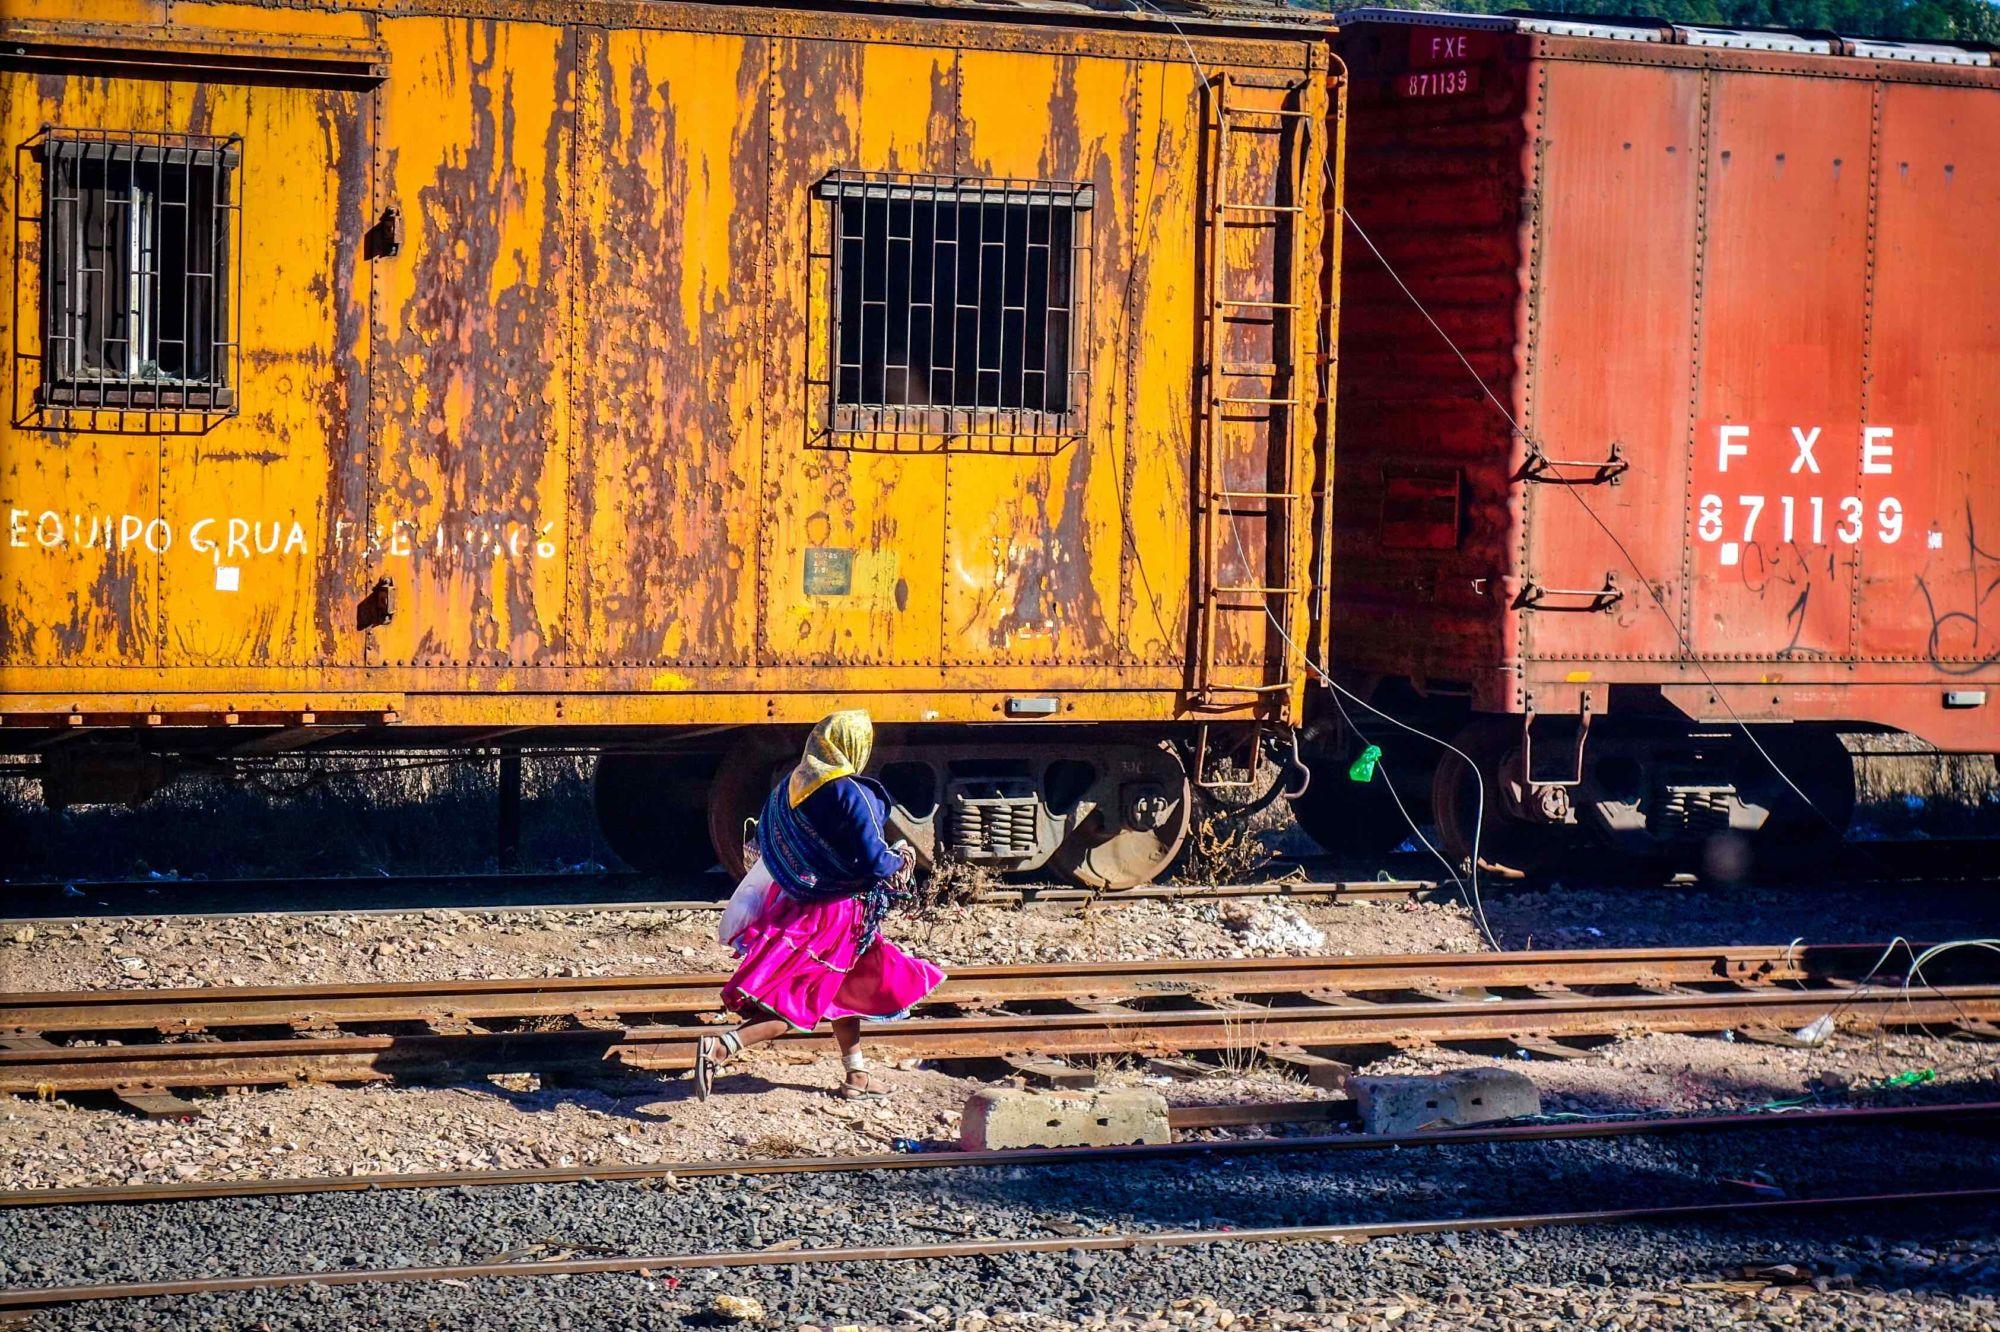 Žena Rarámuri v sandálech